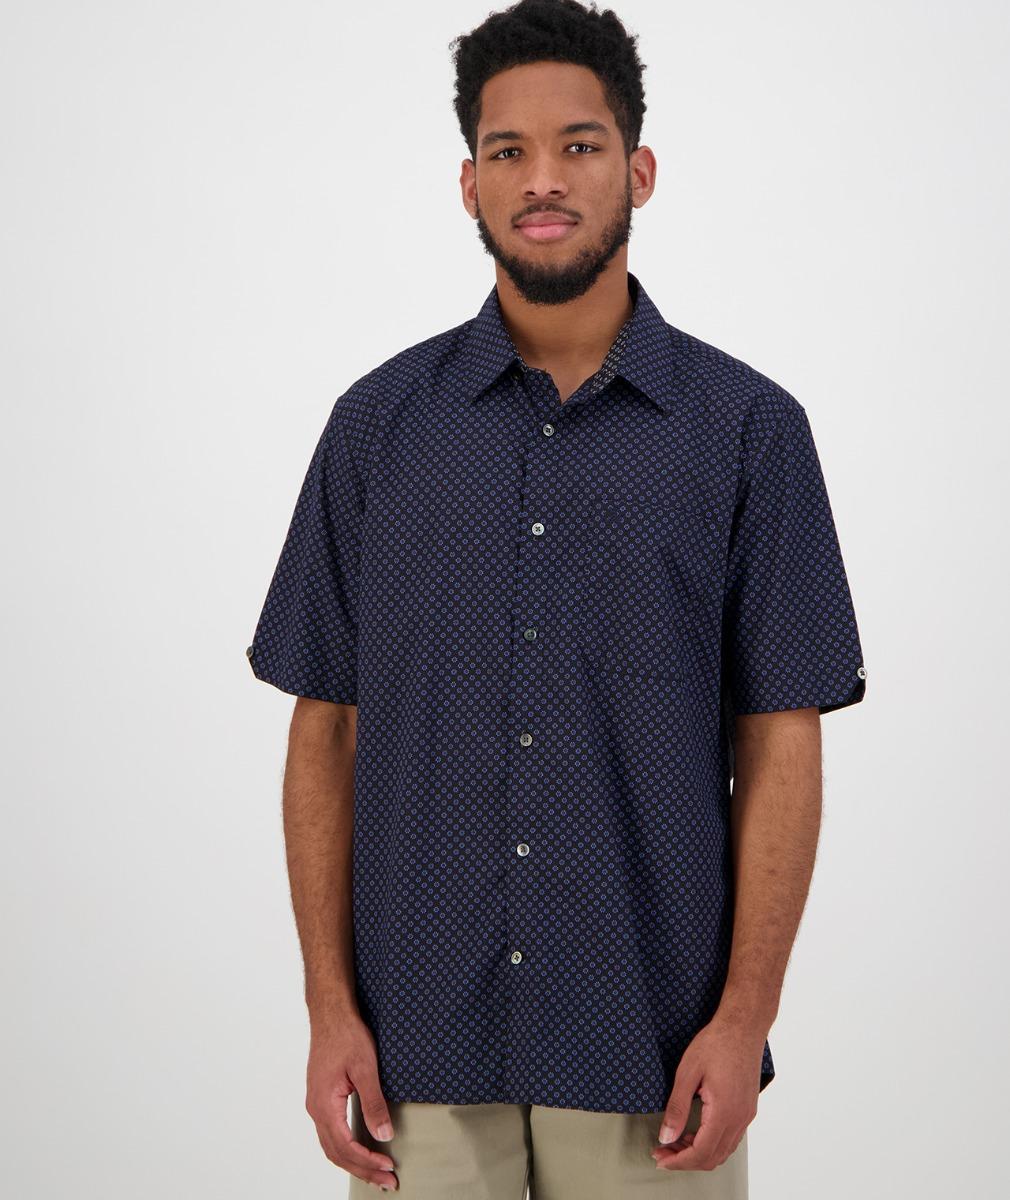 Swanndri Men's Orleans Short Sleeve Shirt in Blue